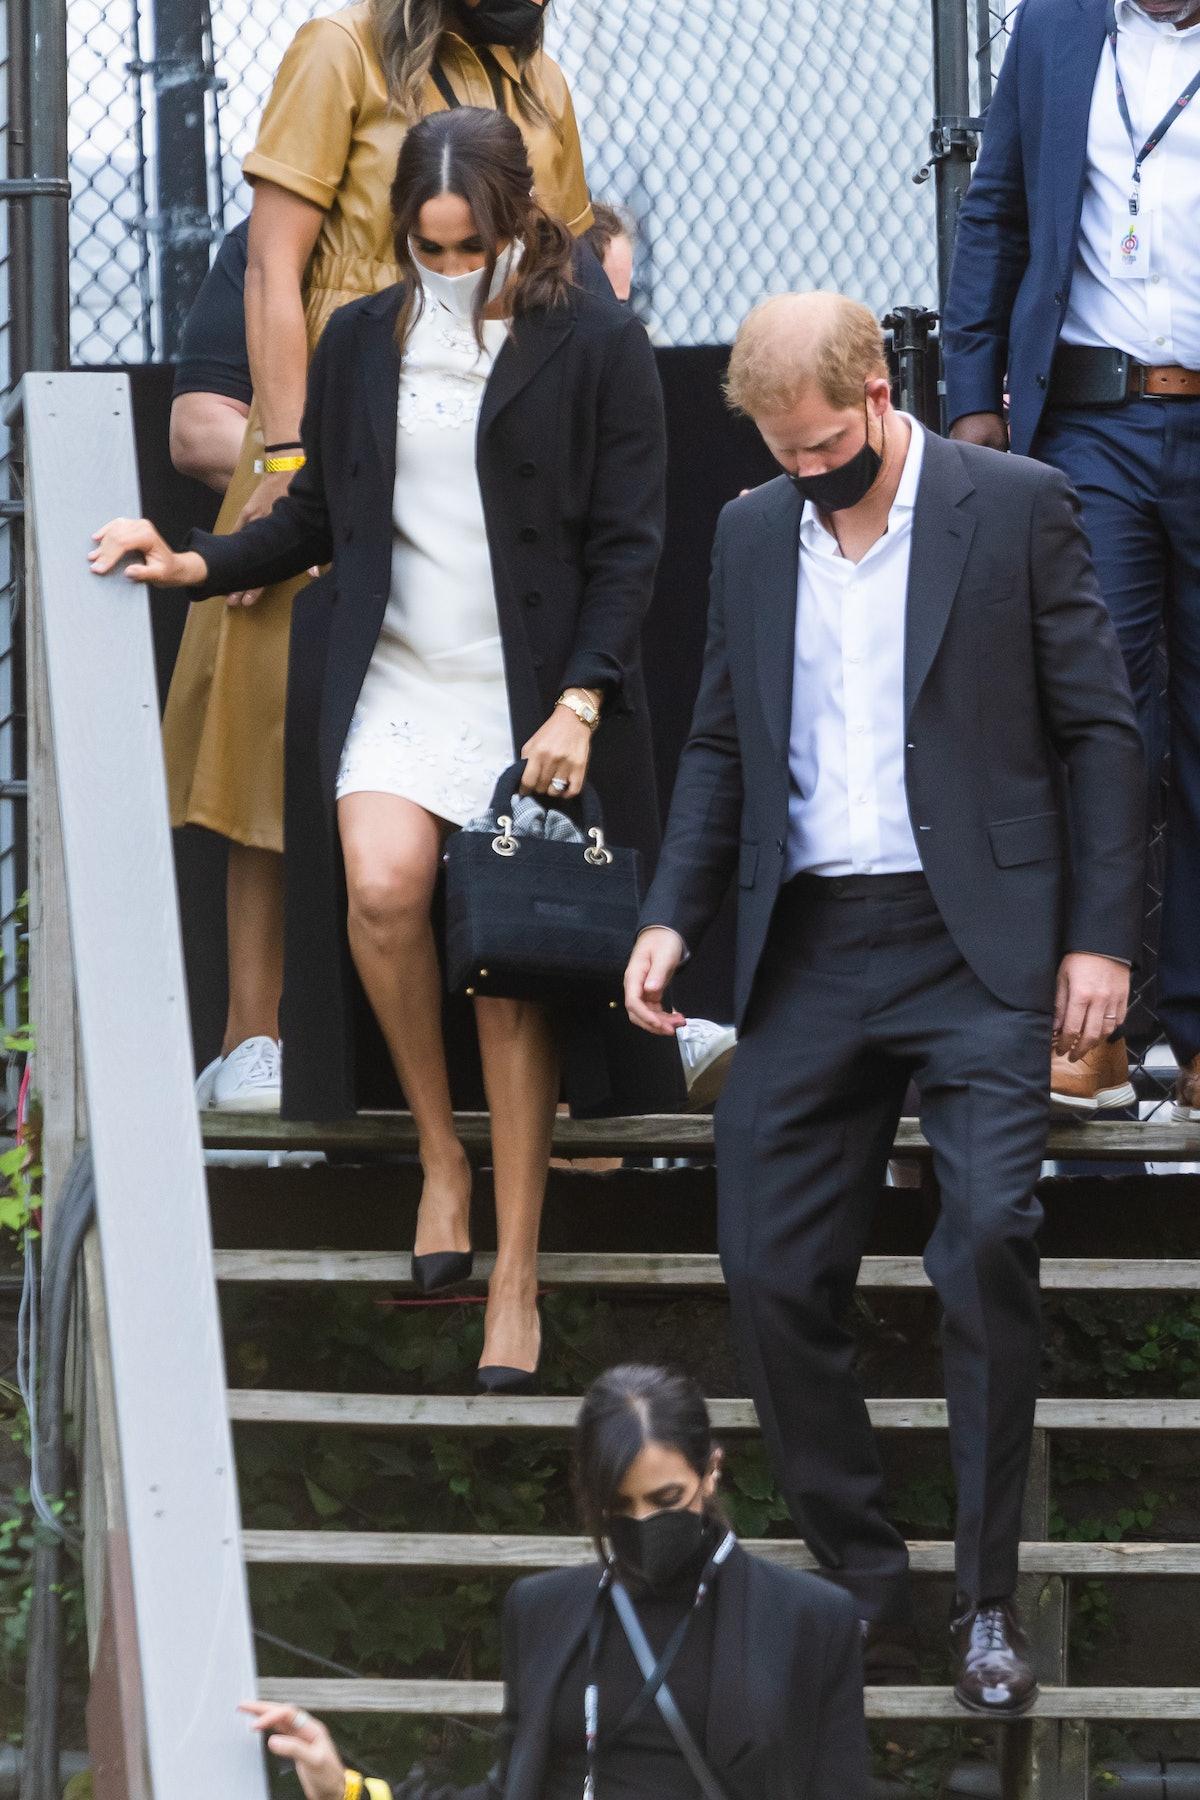 نیویورک ، نیویورک - 25 سپتامبر: مگان مارکل ، دوشس ساسکس و شاهزاده هری ، دوک ساس ...